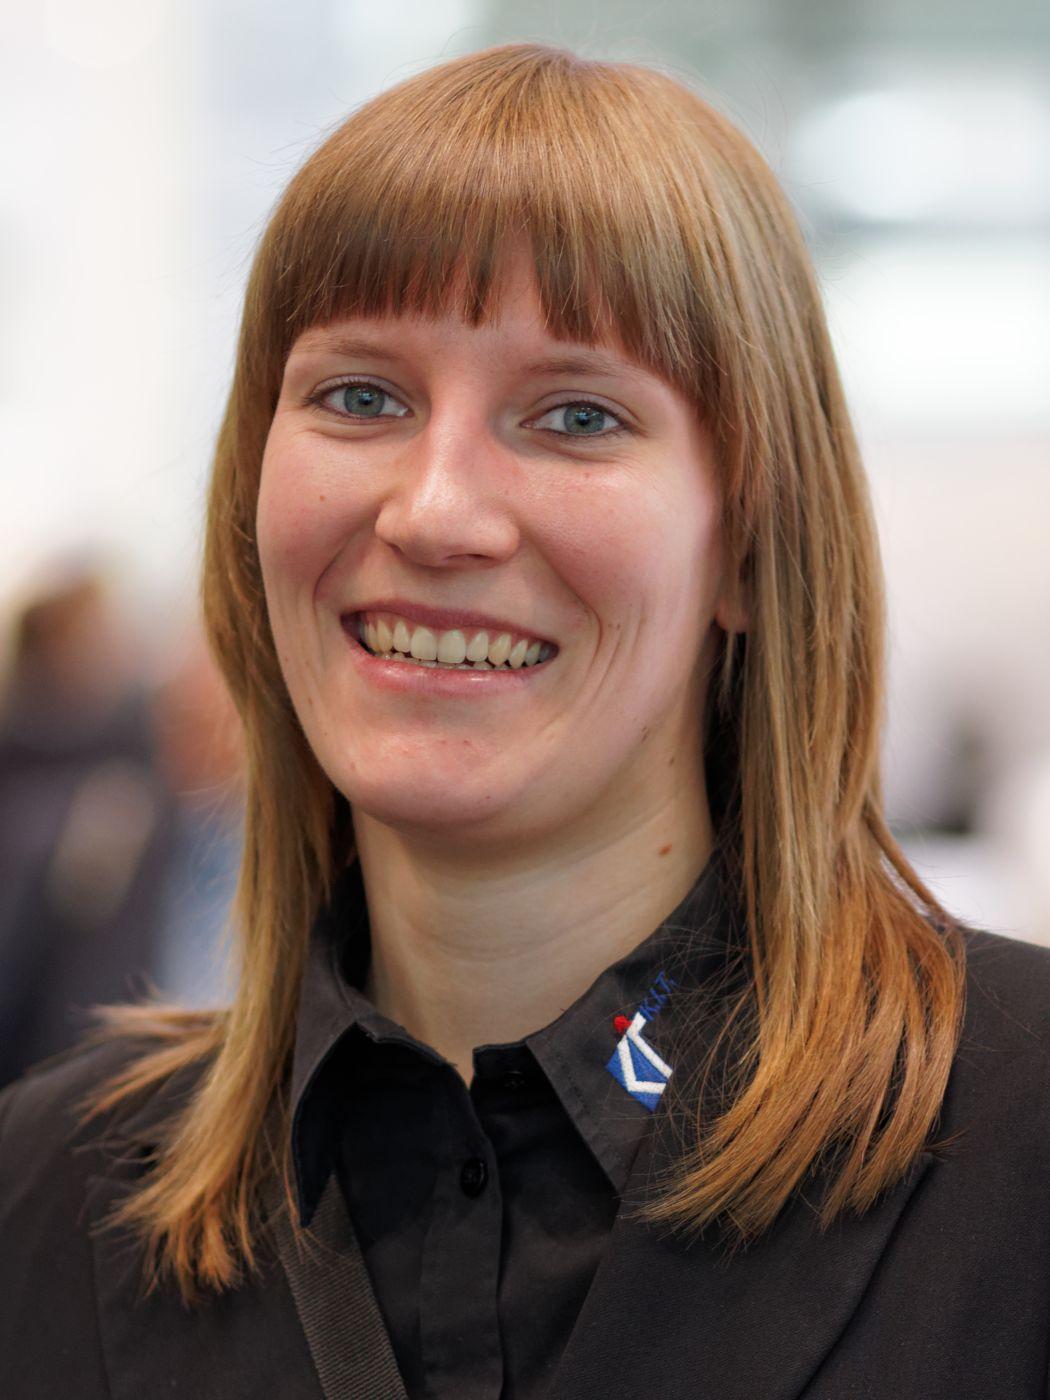 Eva Smejkal, K.I.T. Group GmbH Dresden, DE